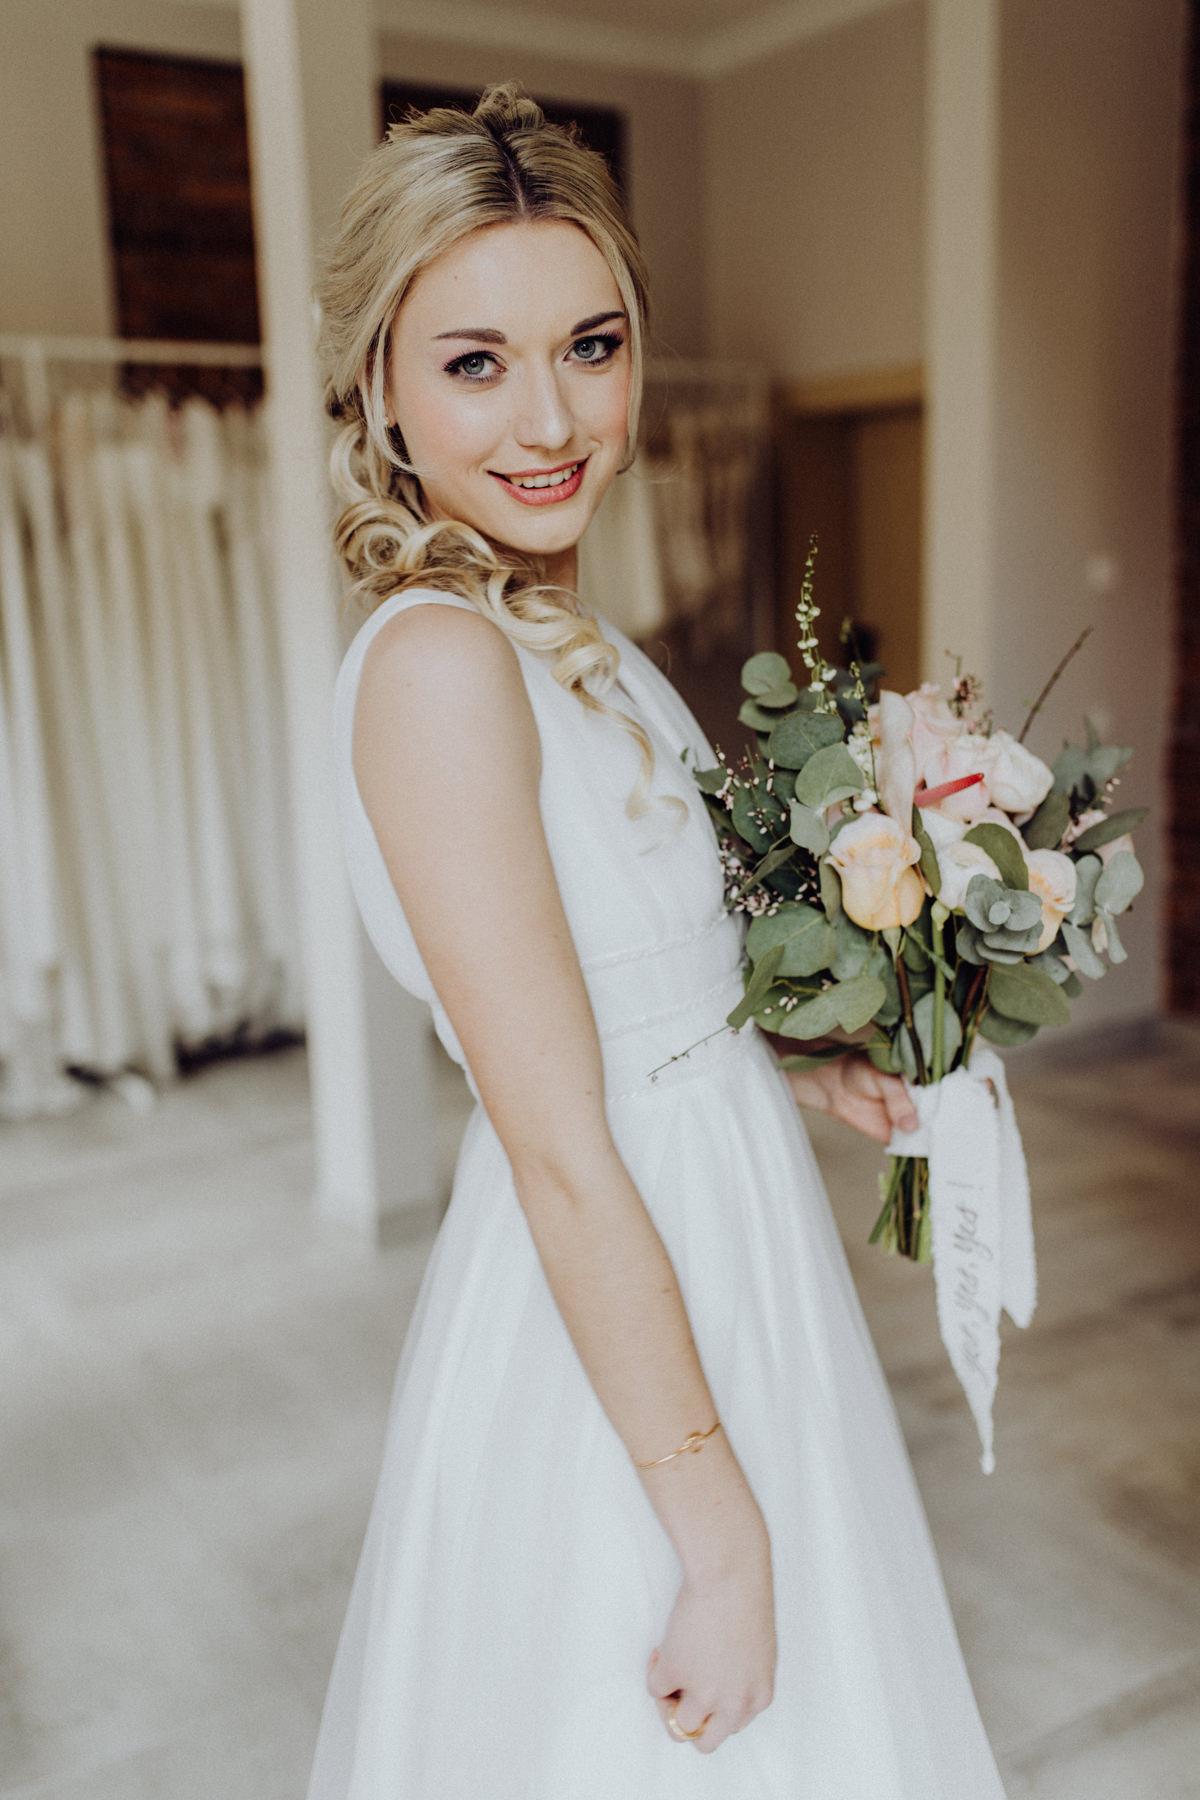 Braut Frisur halb offen halb hochgesteckt